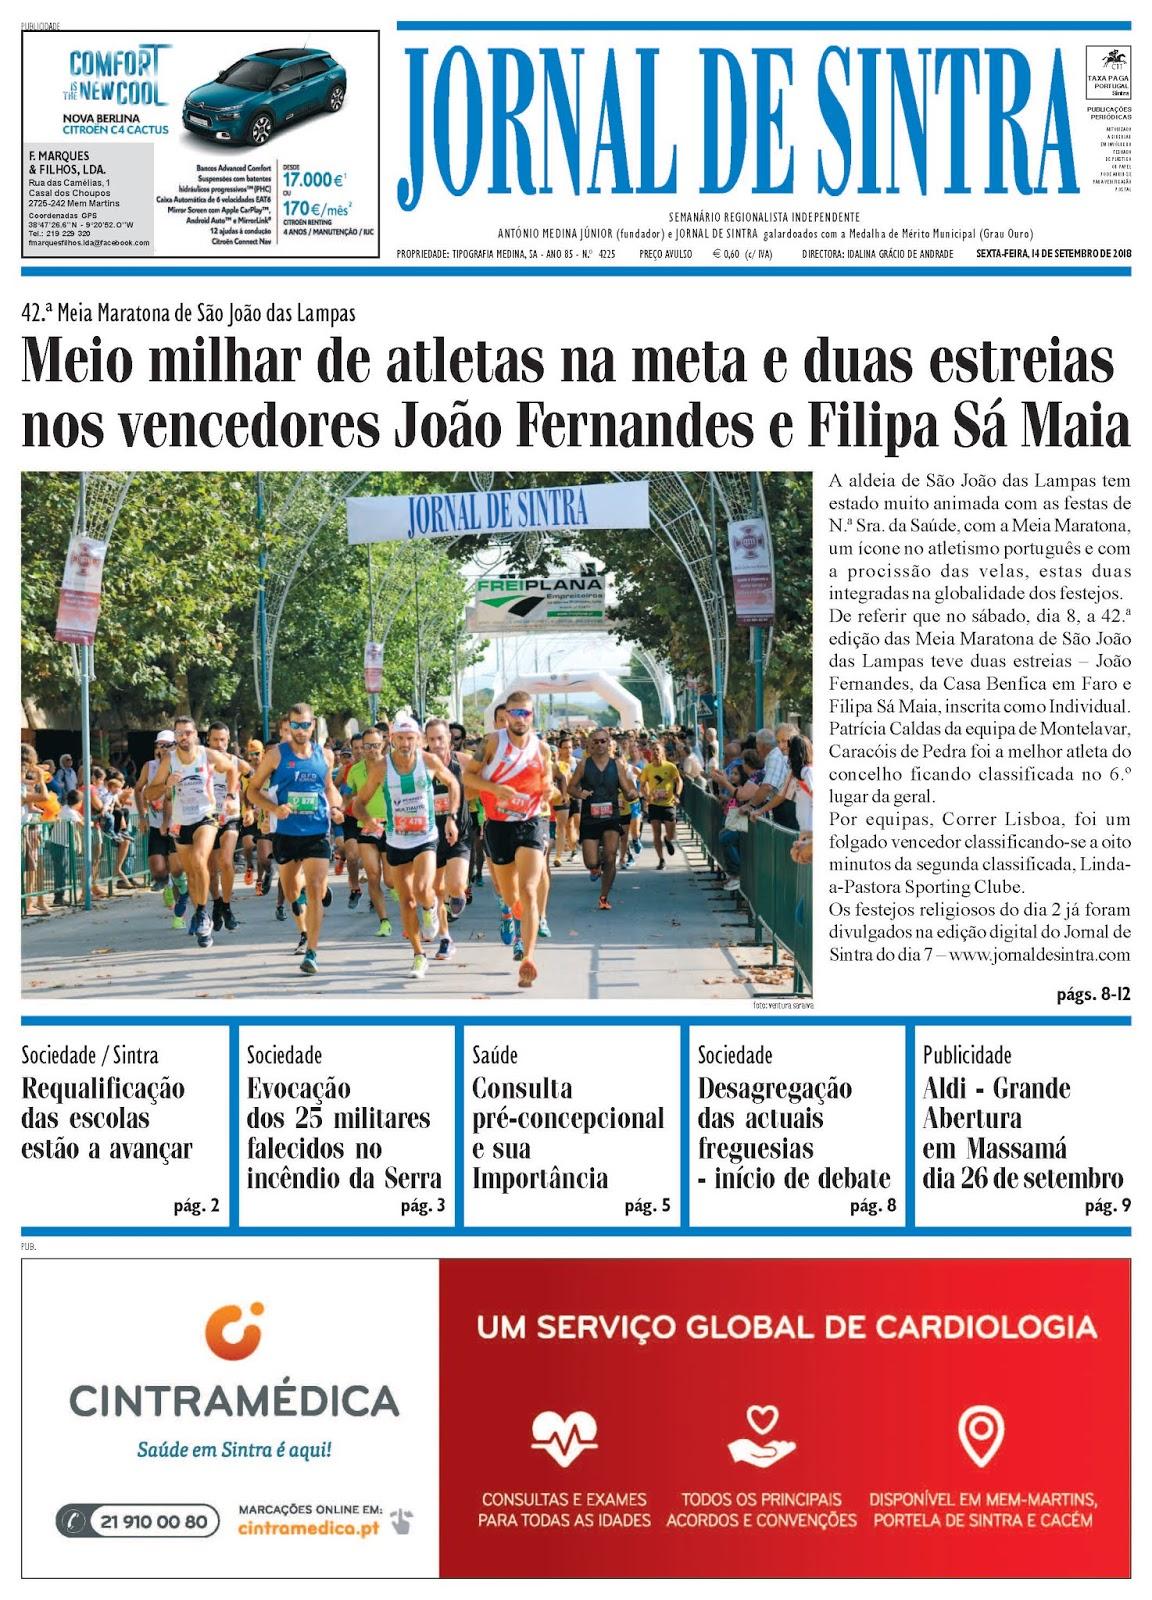 Capa da edição de 14-09-2018